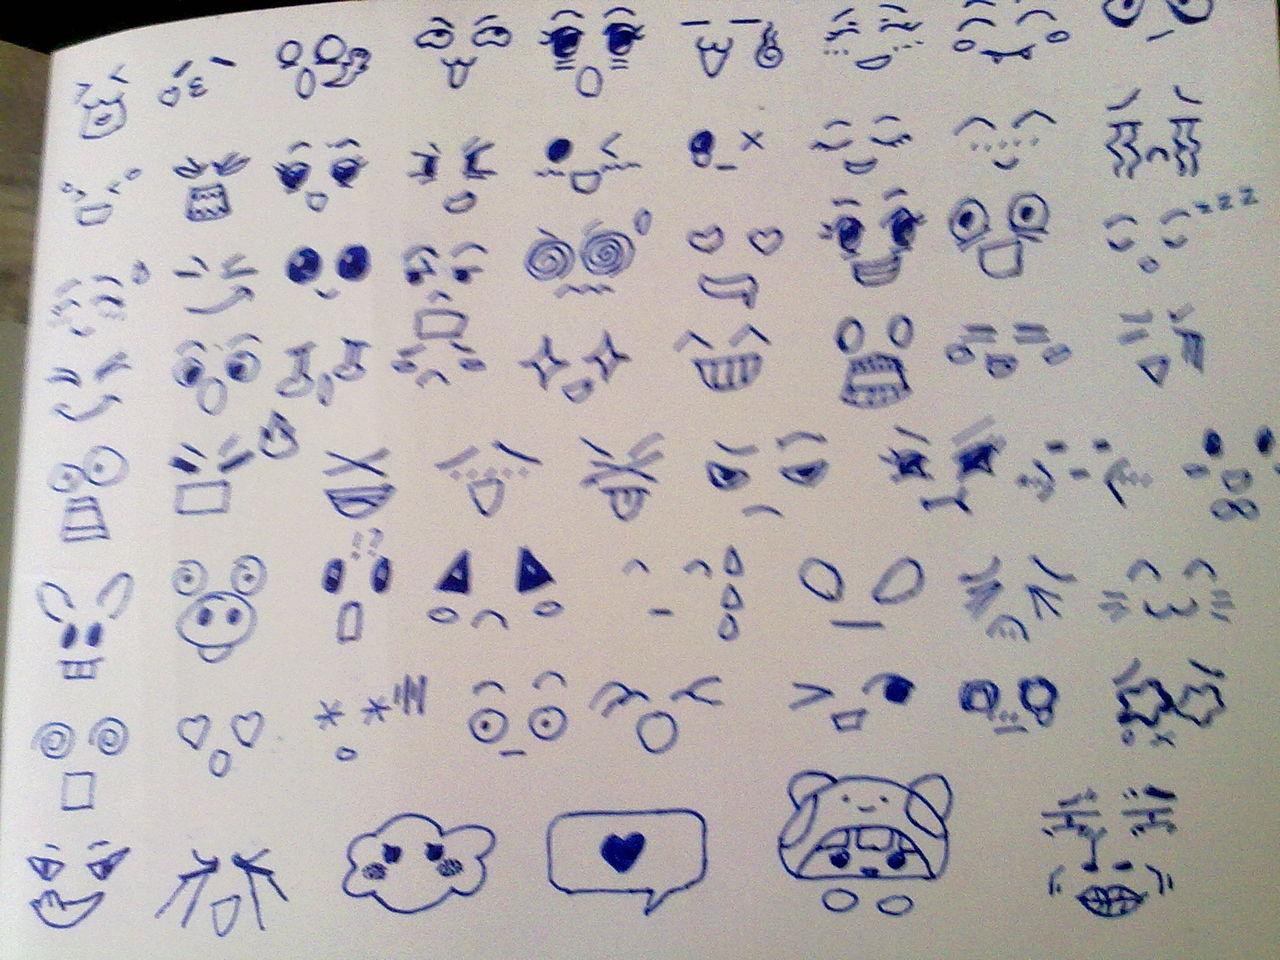 简单手绘日记插画图片内容 简单手绘日记插画图片版面设计